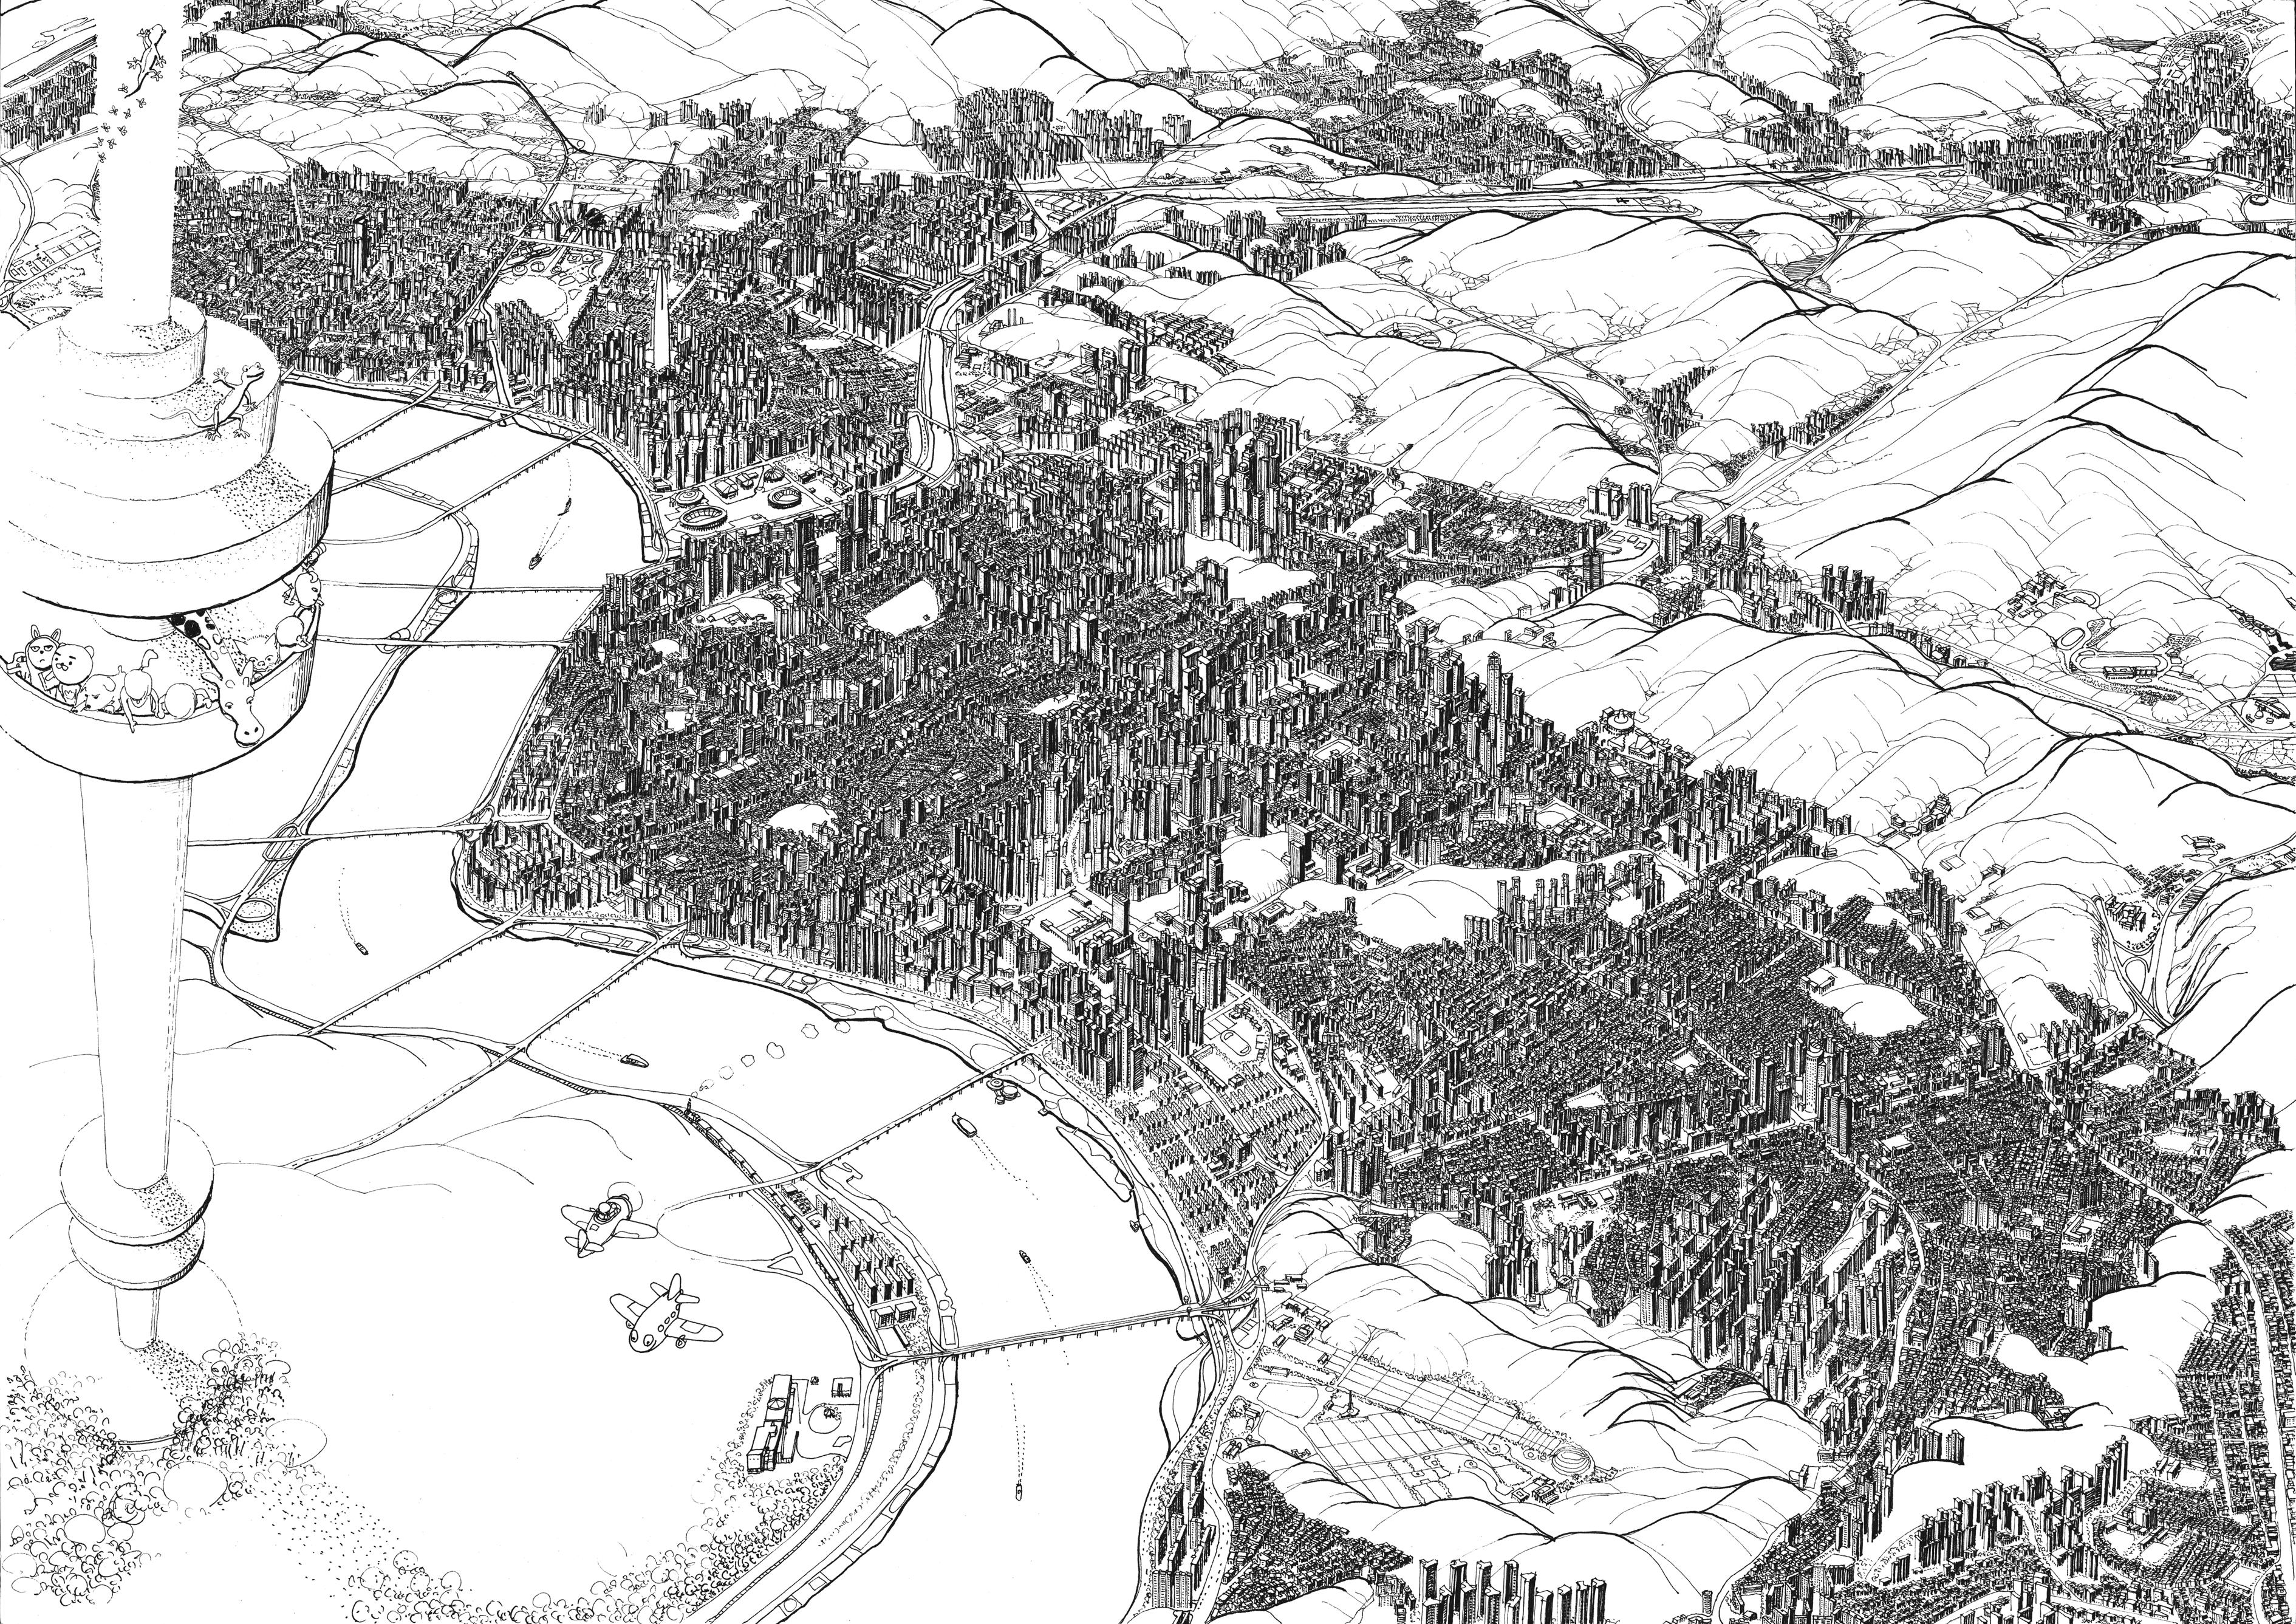 008, 안충기, 비행산수-서울 강남, 70 x 49 cm, 종이에 먹펜